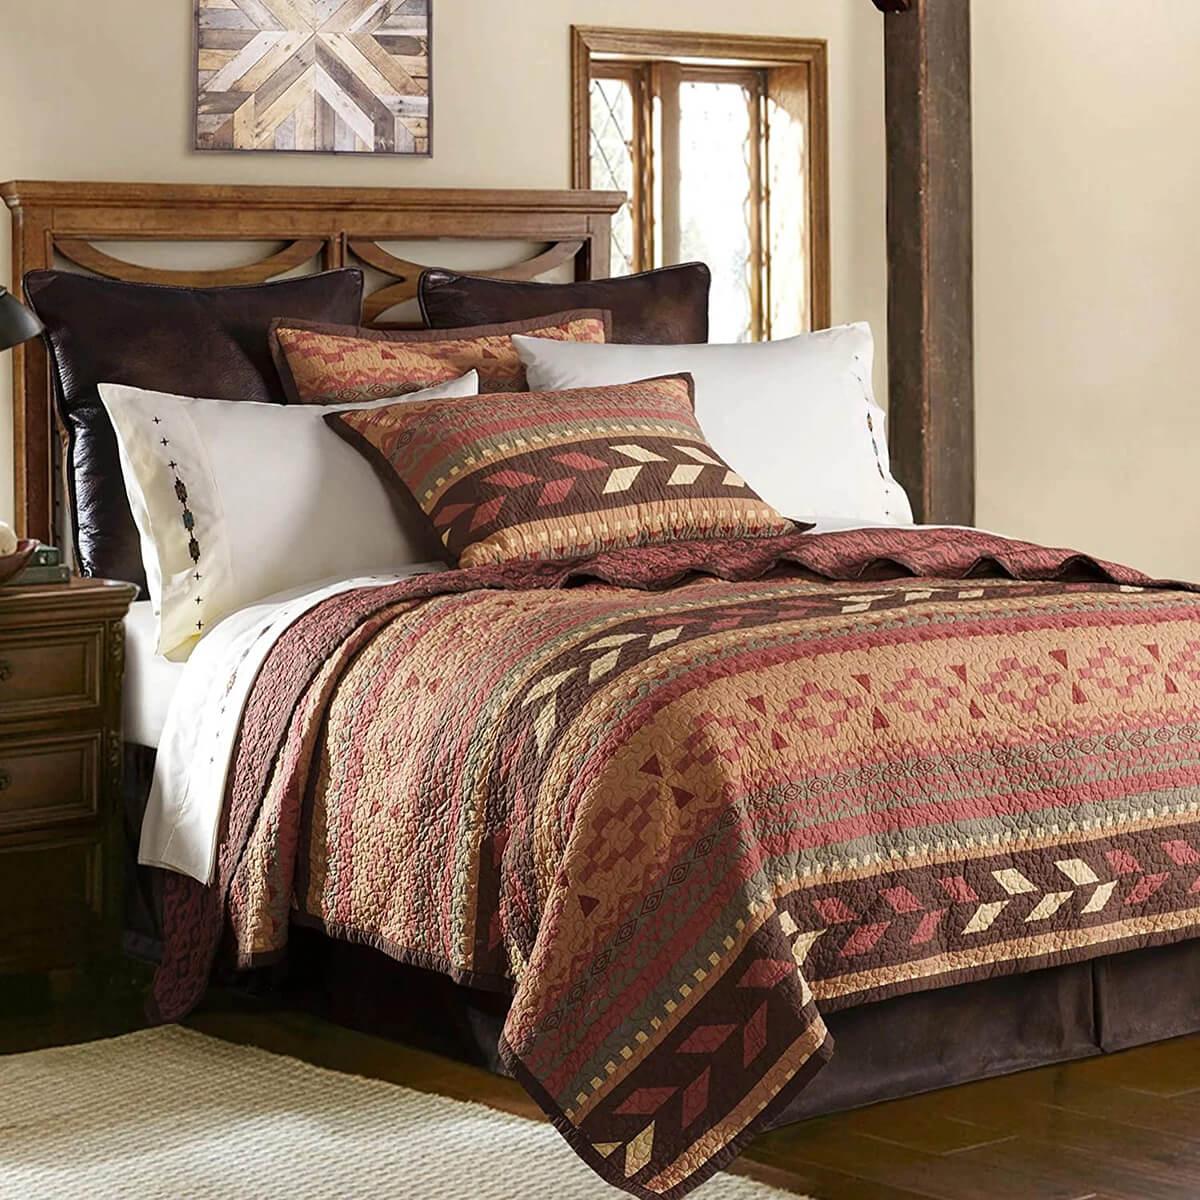 Fall Toned Seasonal Southwest Bedroom Decor